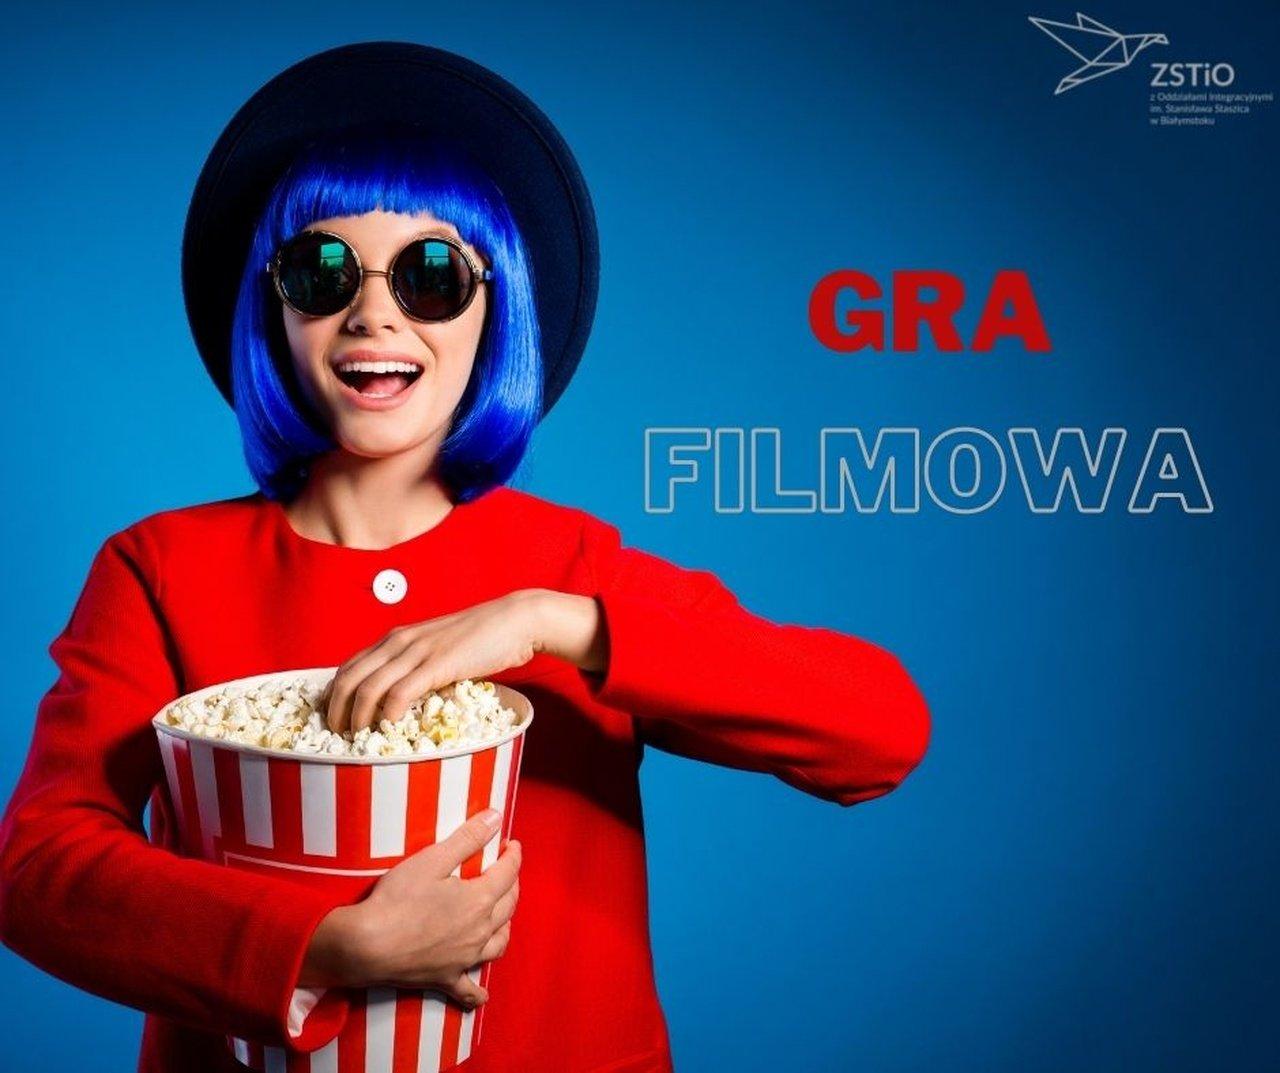 niebieskie tło, na pierwszym planie dziewczyna w kapeluszu z niebieskimi włosami, w czerwonej koszuli trzyma popcorn